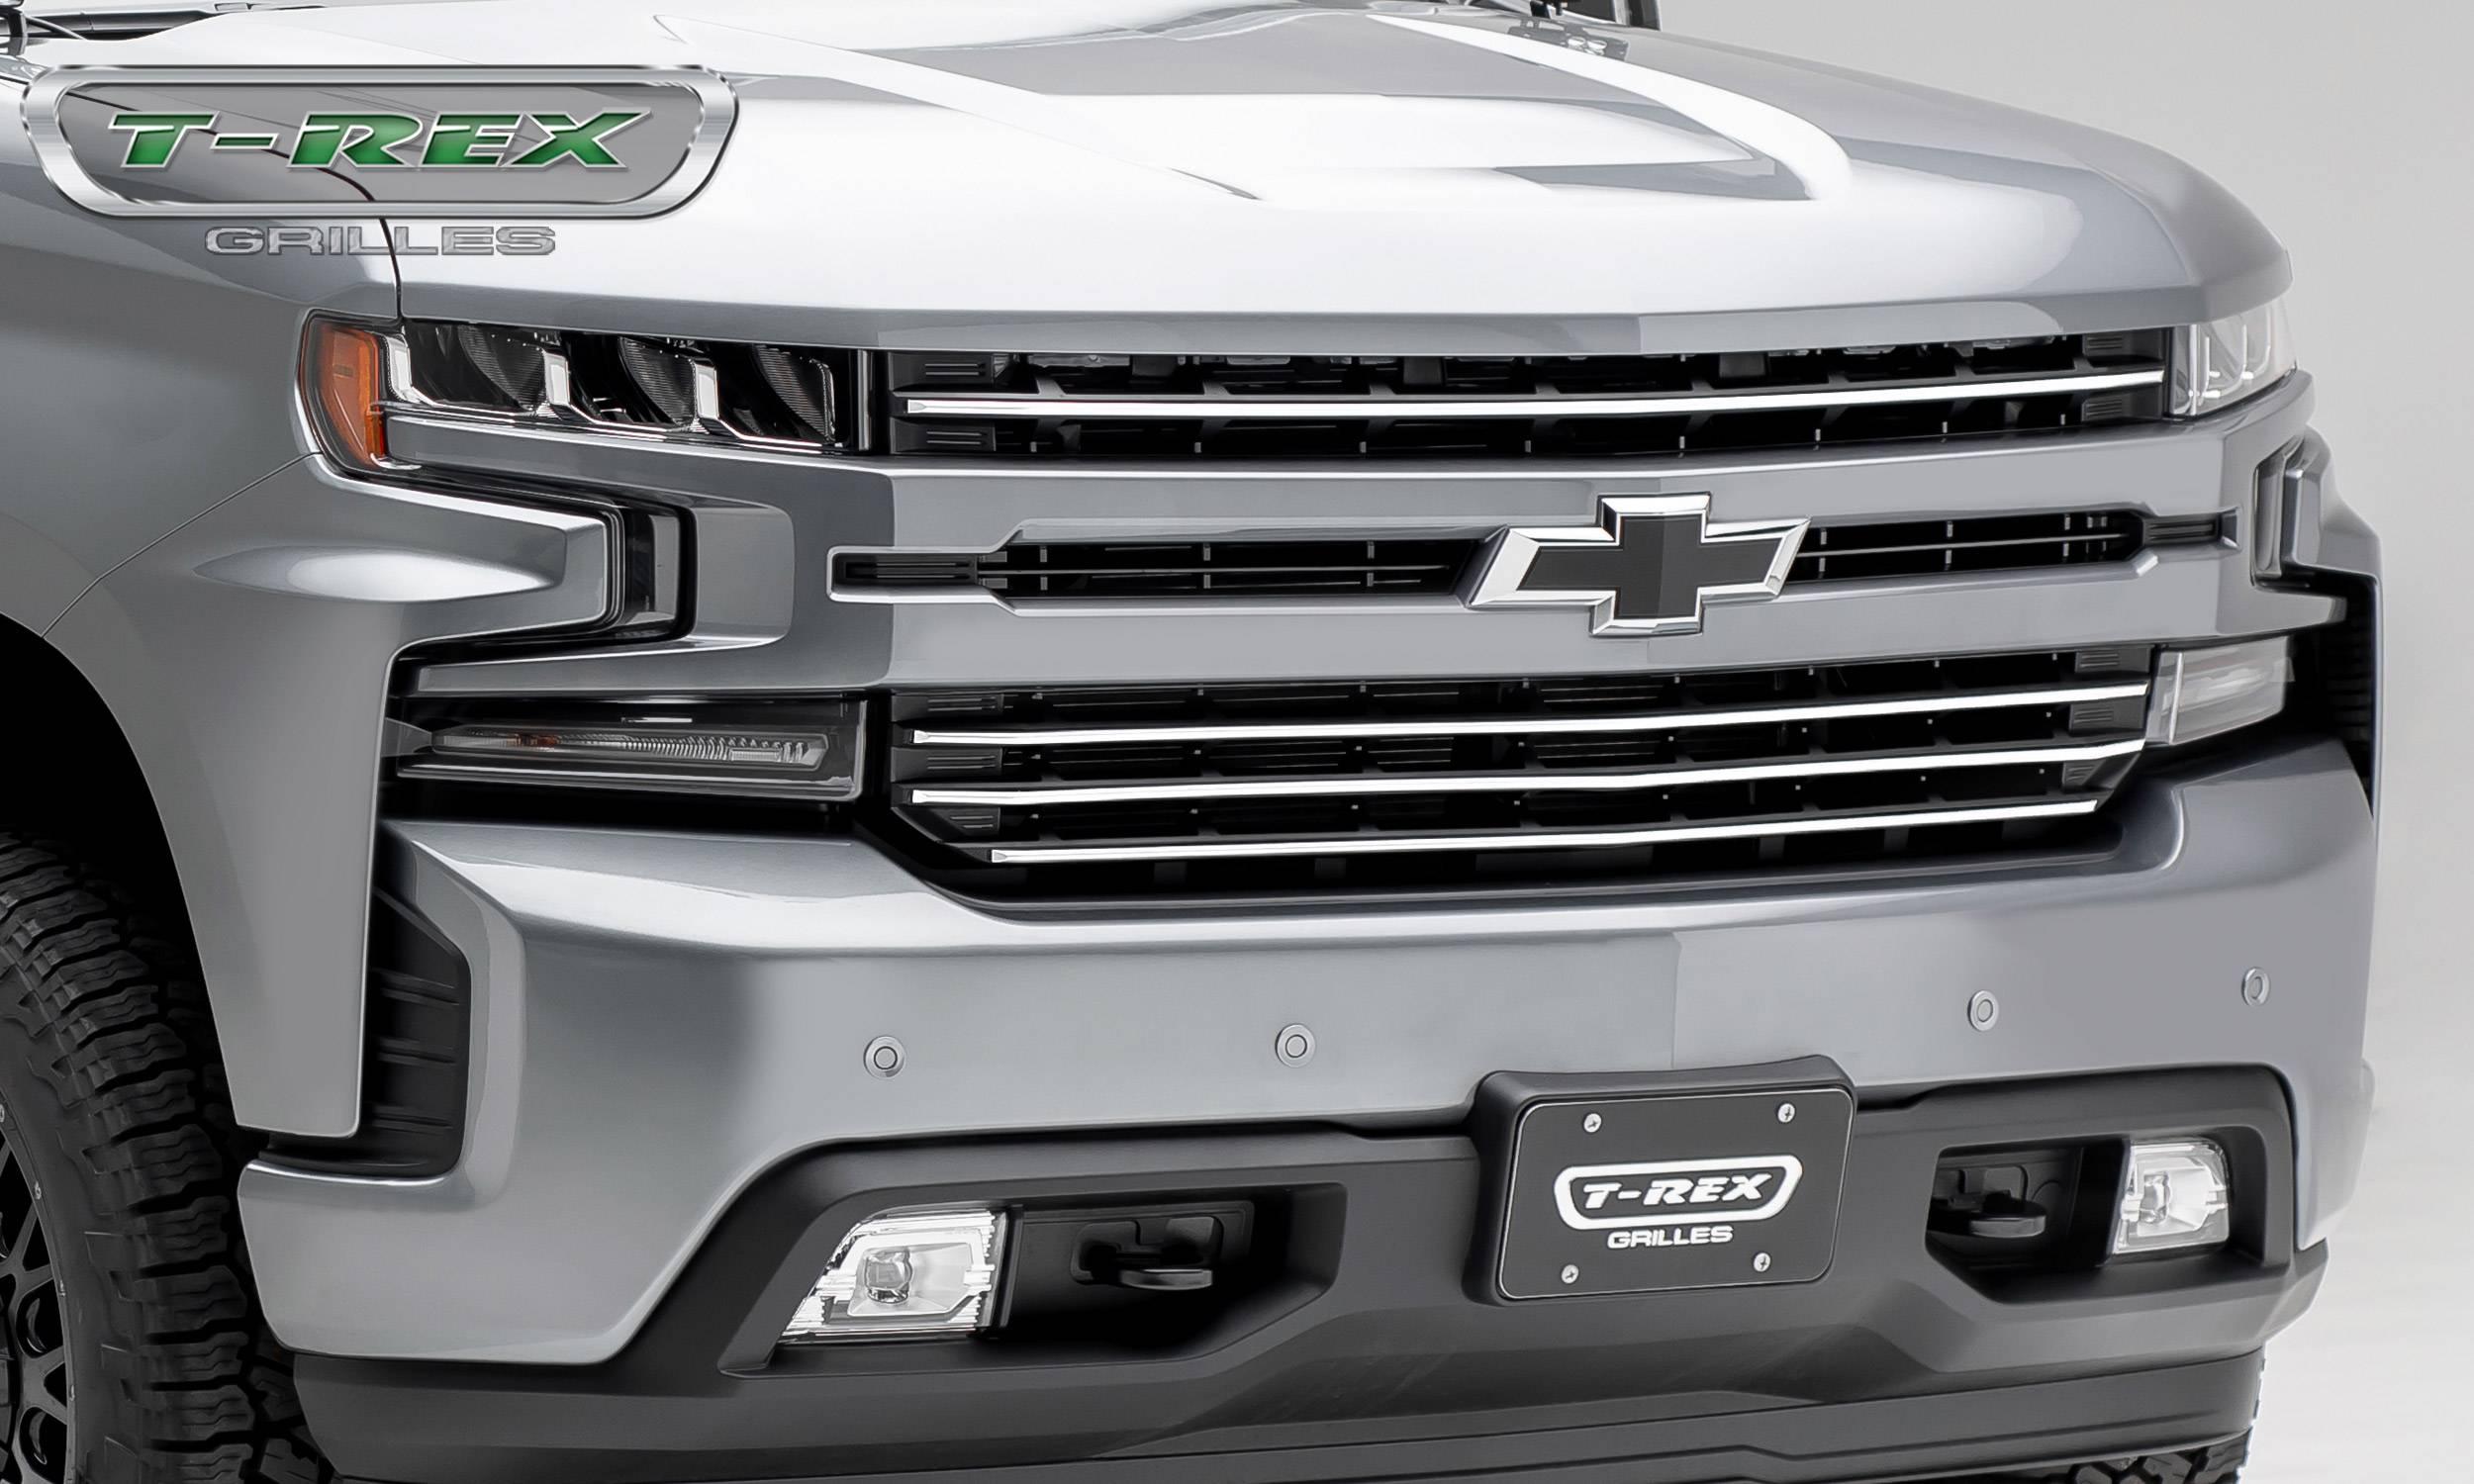 Chevrolet Silverado 1500 2019 Billet Grille, Horizontal ...